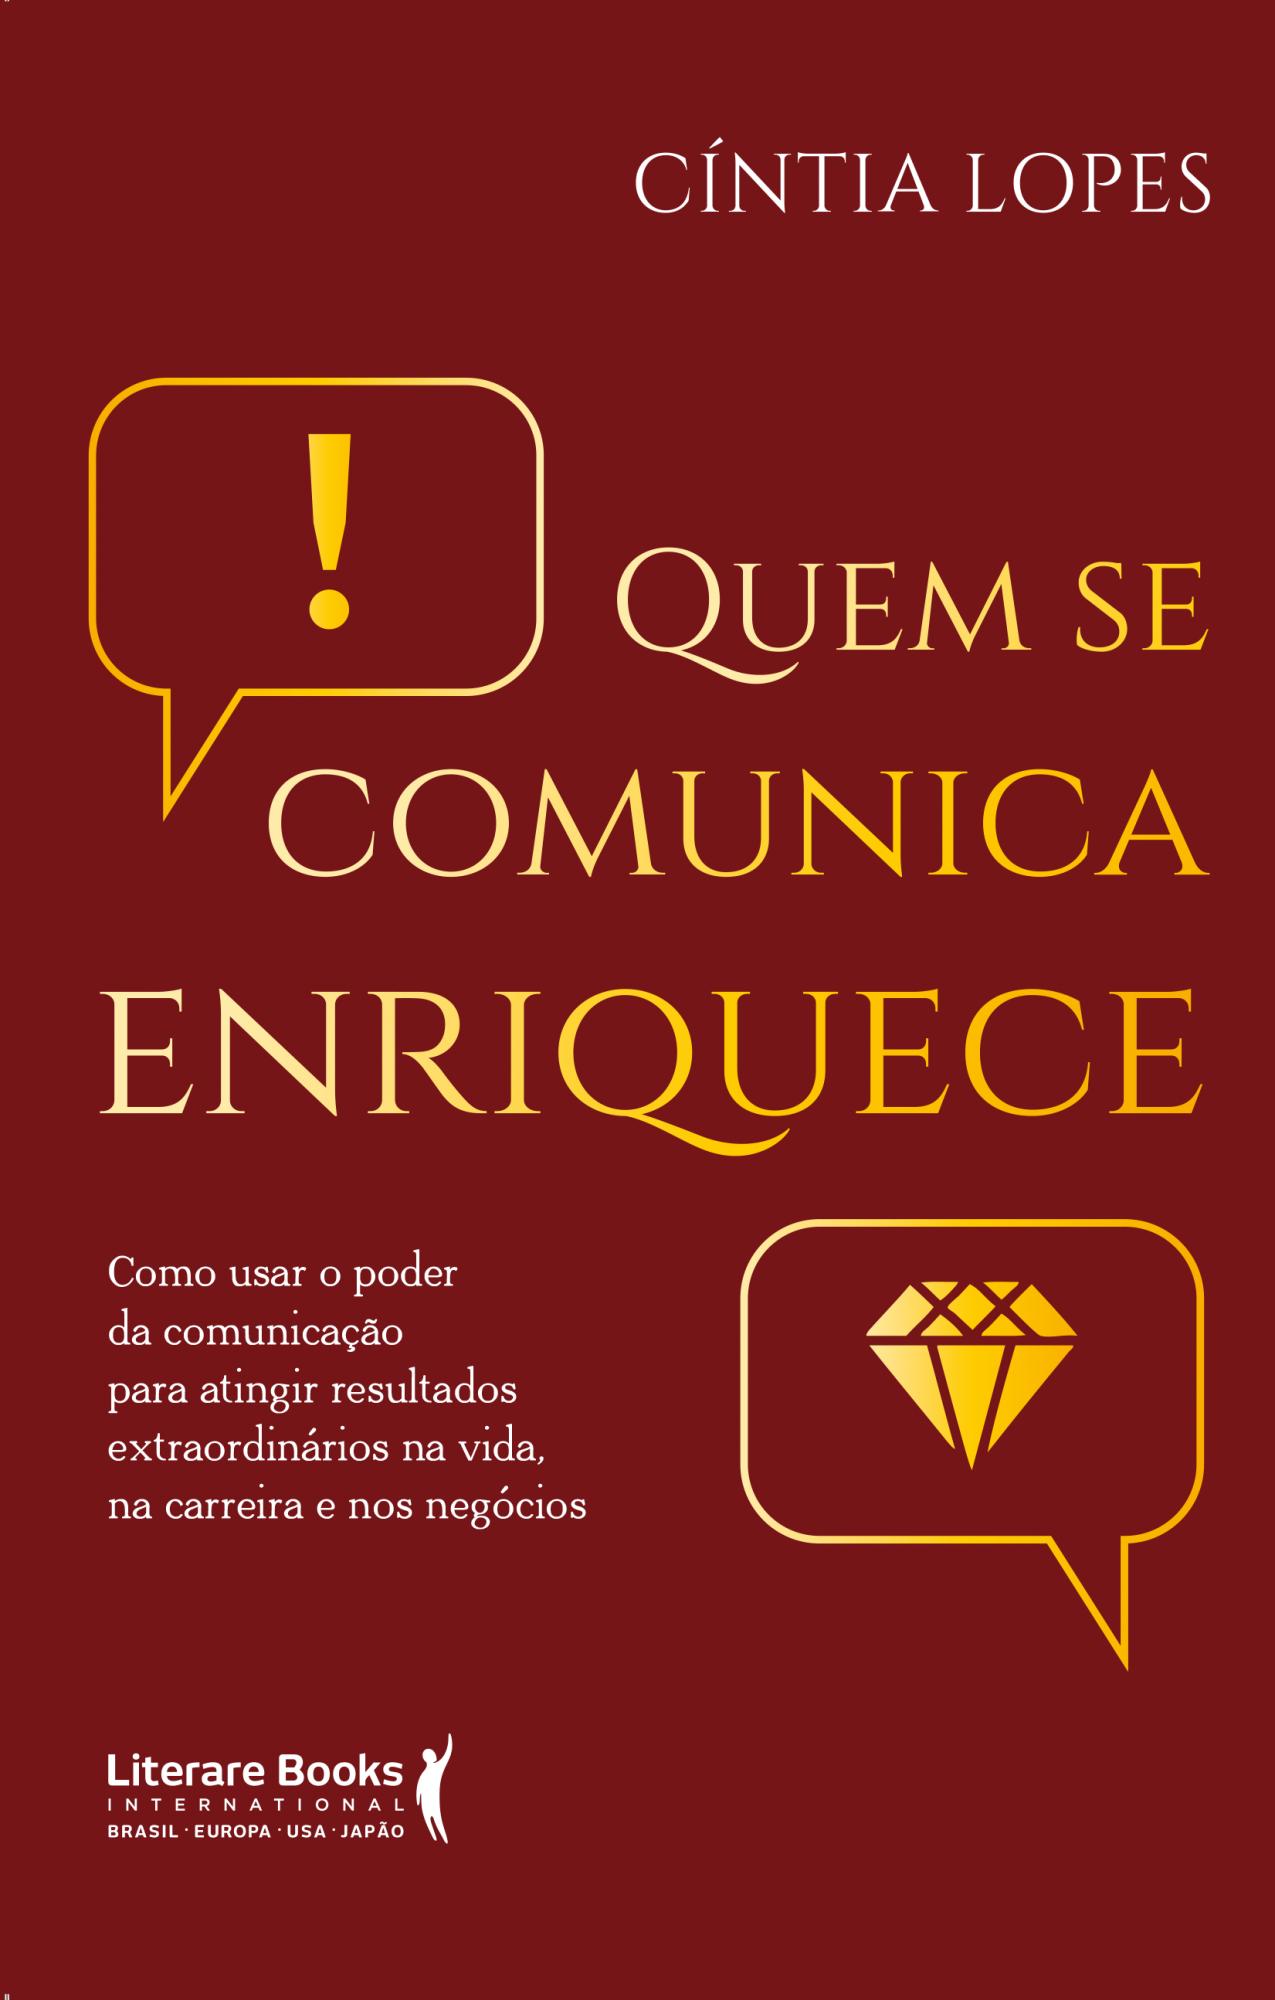 Quem se comunica enriquece: como usar o poder da comunicação para atingir resultados extraordinários na vida, na carreira e nos negócios